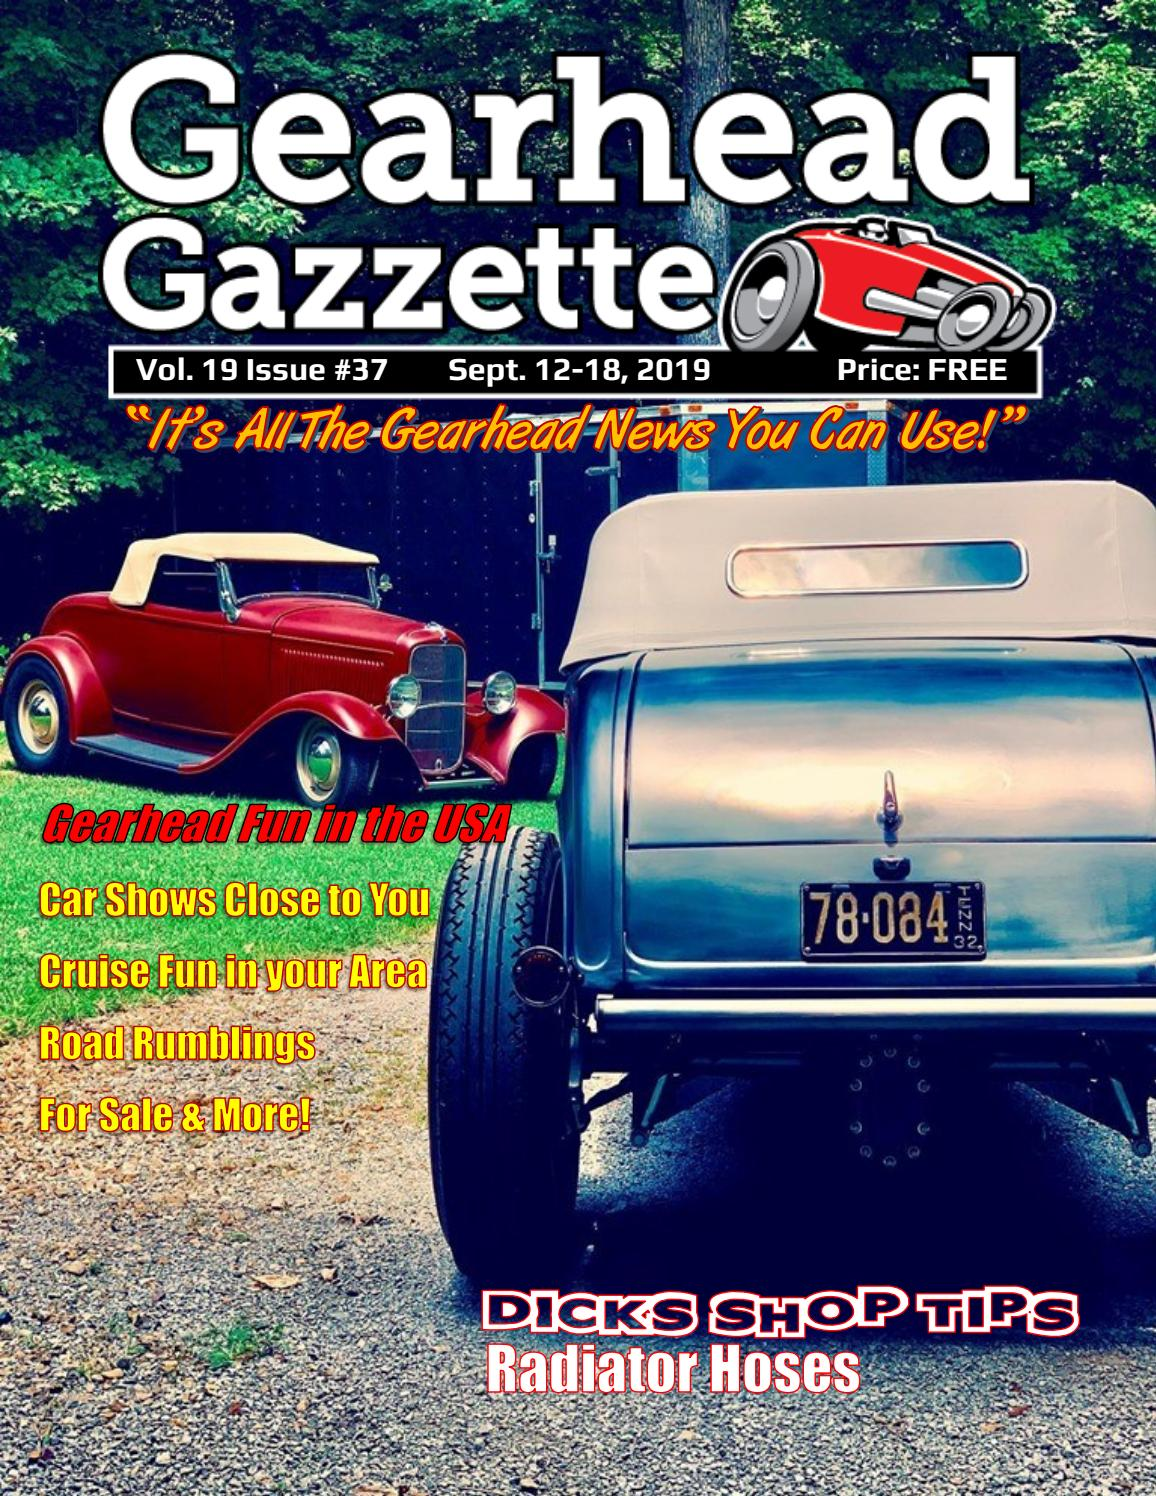 Shelby Ac Cobra 427 Large Pvc Work Shop Banner Garage Show Archives Statelegals Staradvertiser Com